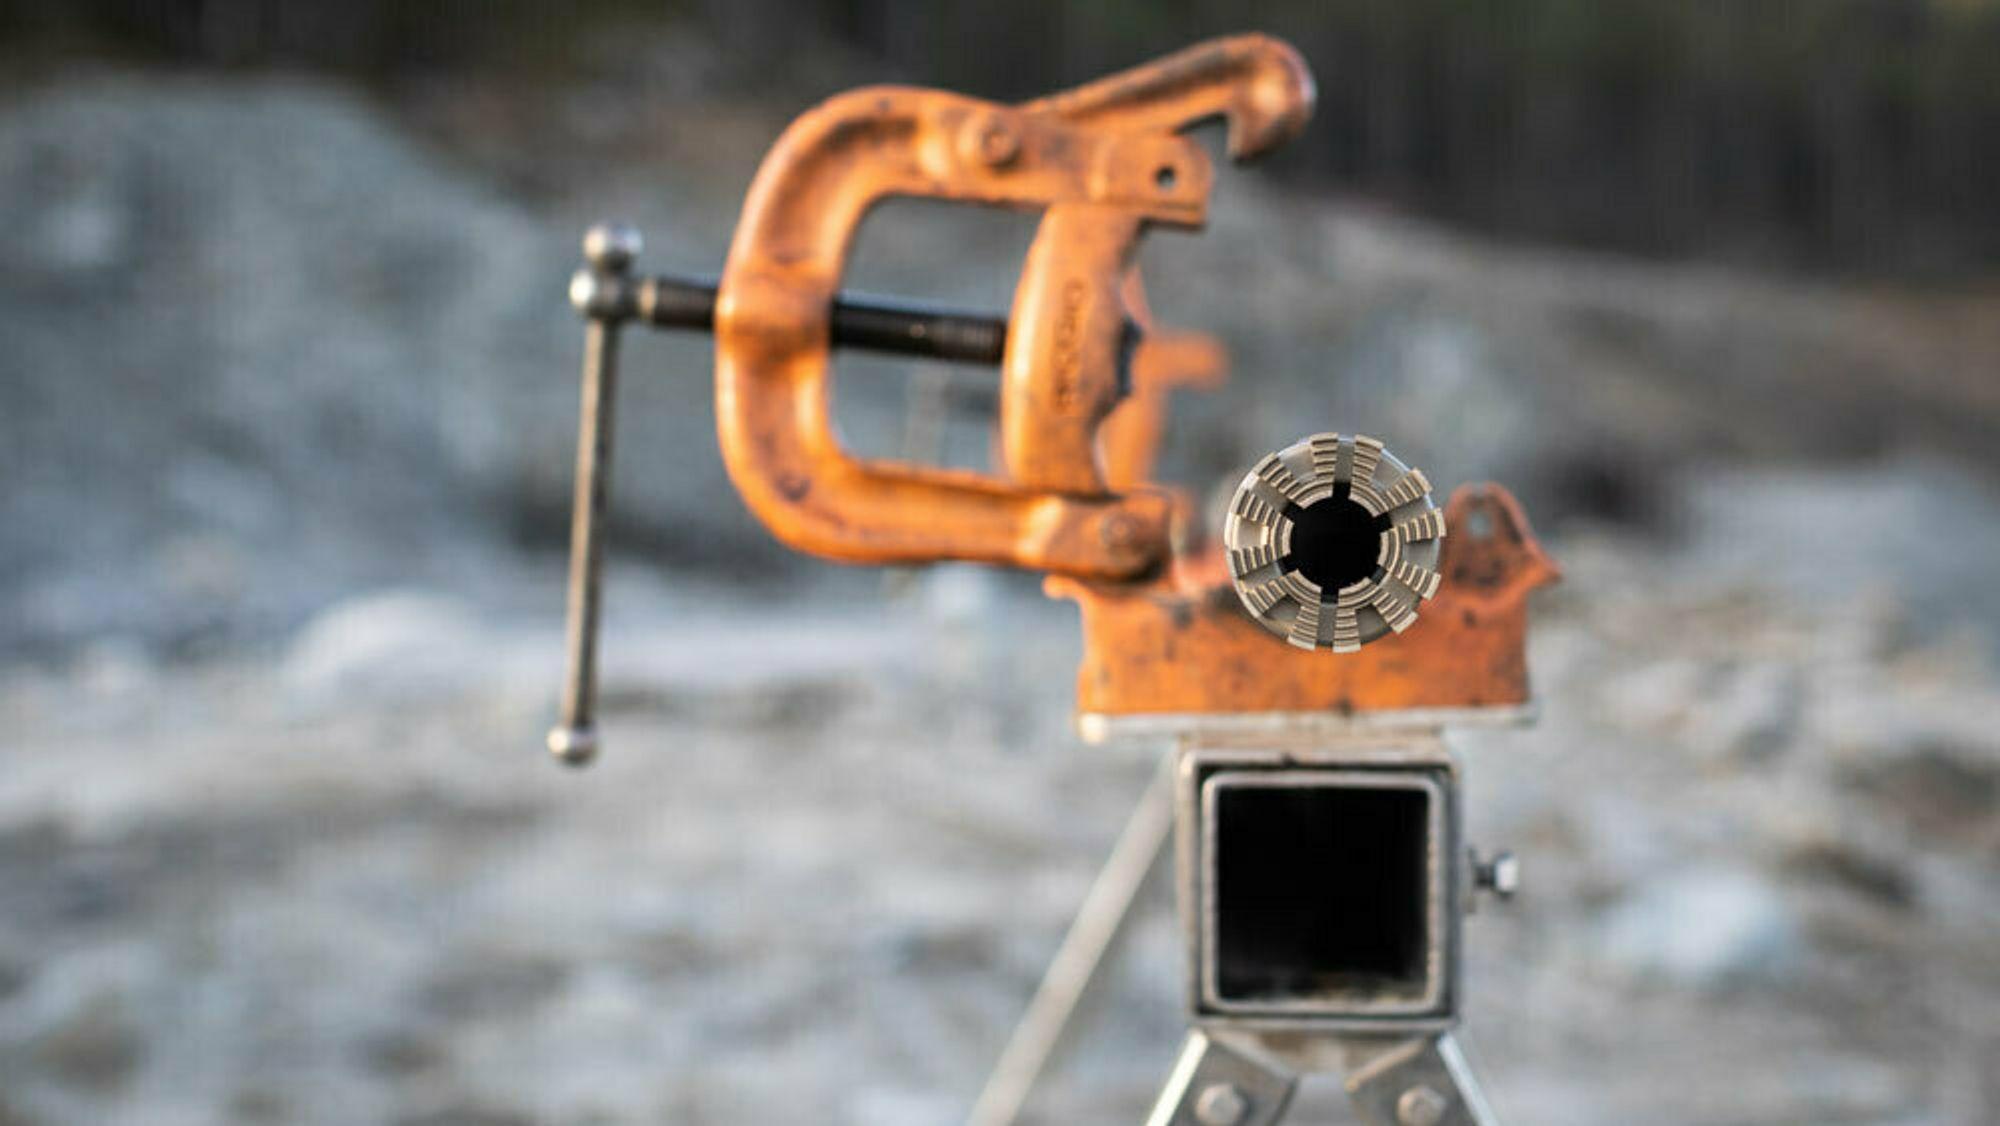 Devico mener oppstartsbedriften Aziwell har kopiert deres kjernebor for å lete etter sjeldne mineraler.